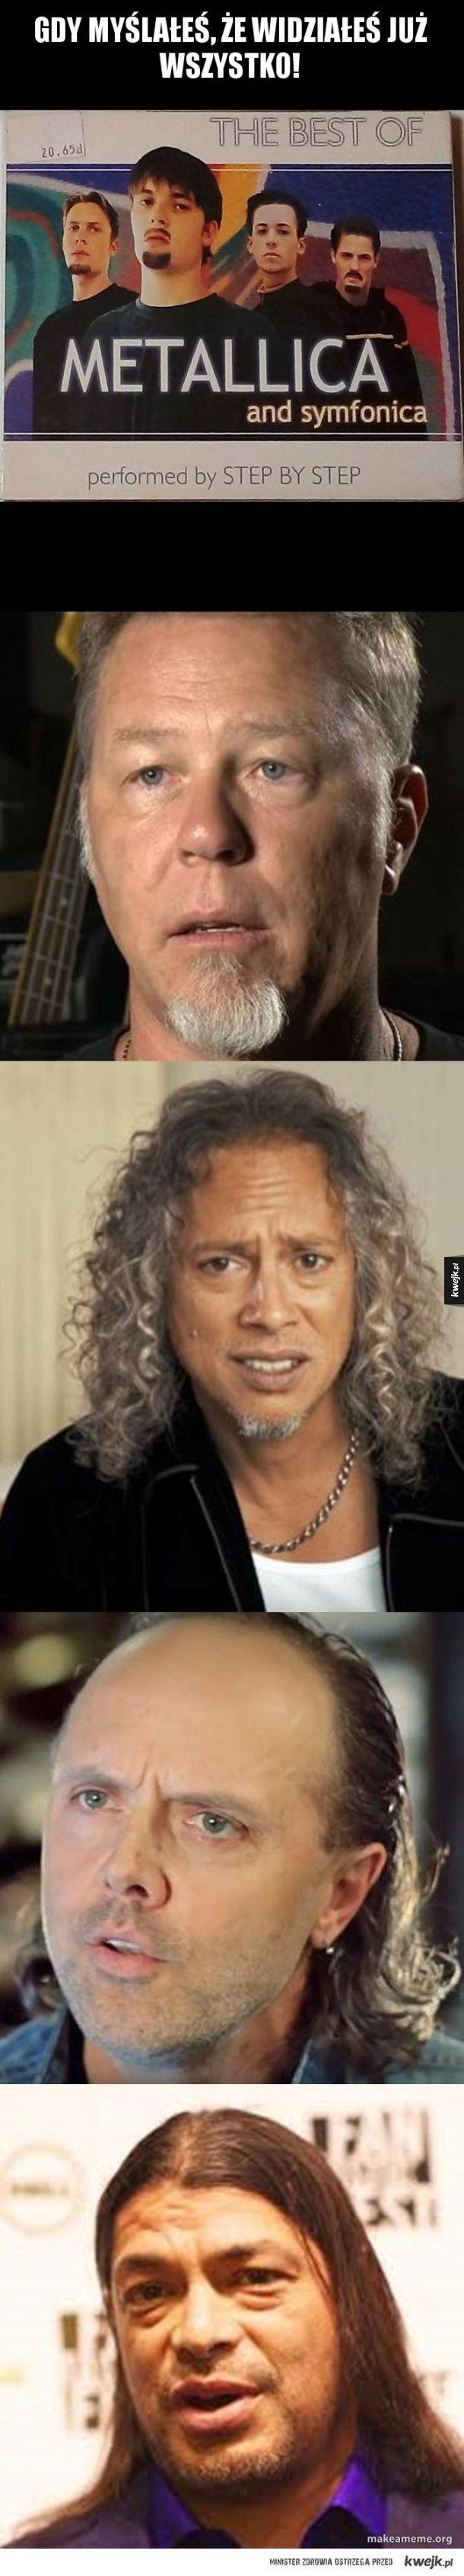 Metallica - widziałeś wszystko